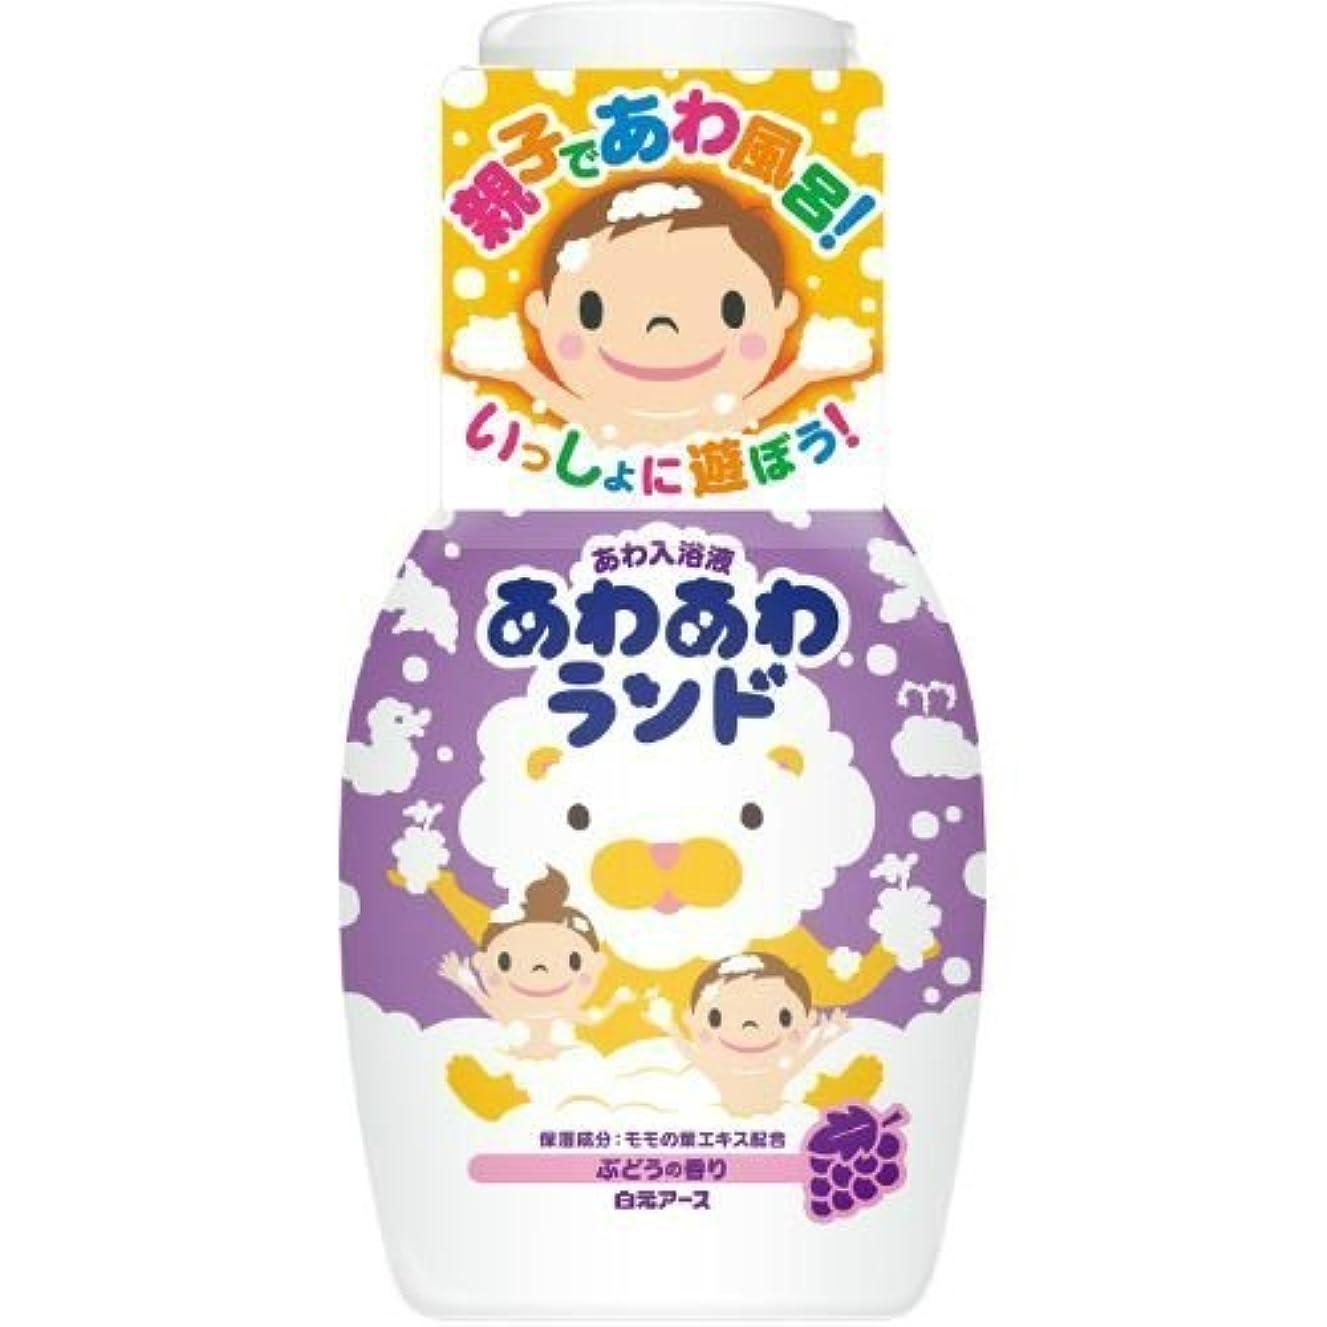 お風呂二エミュレーションあわあわランド ぶどうの香り × 5個セット